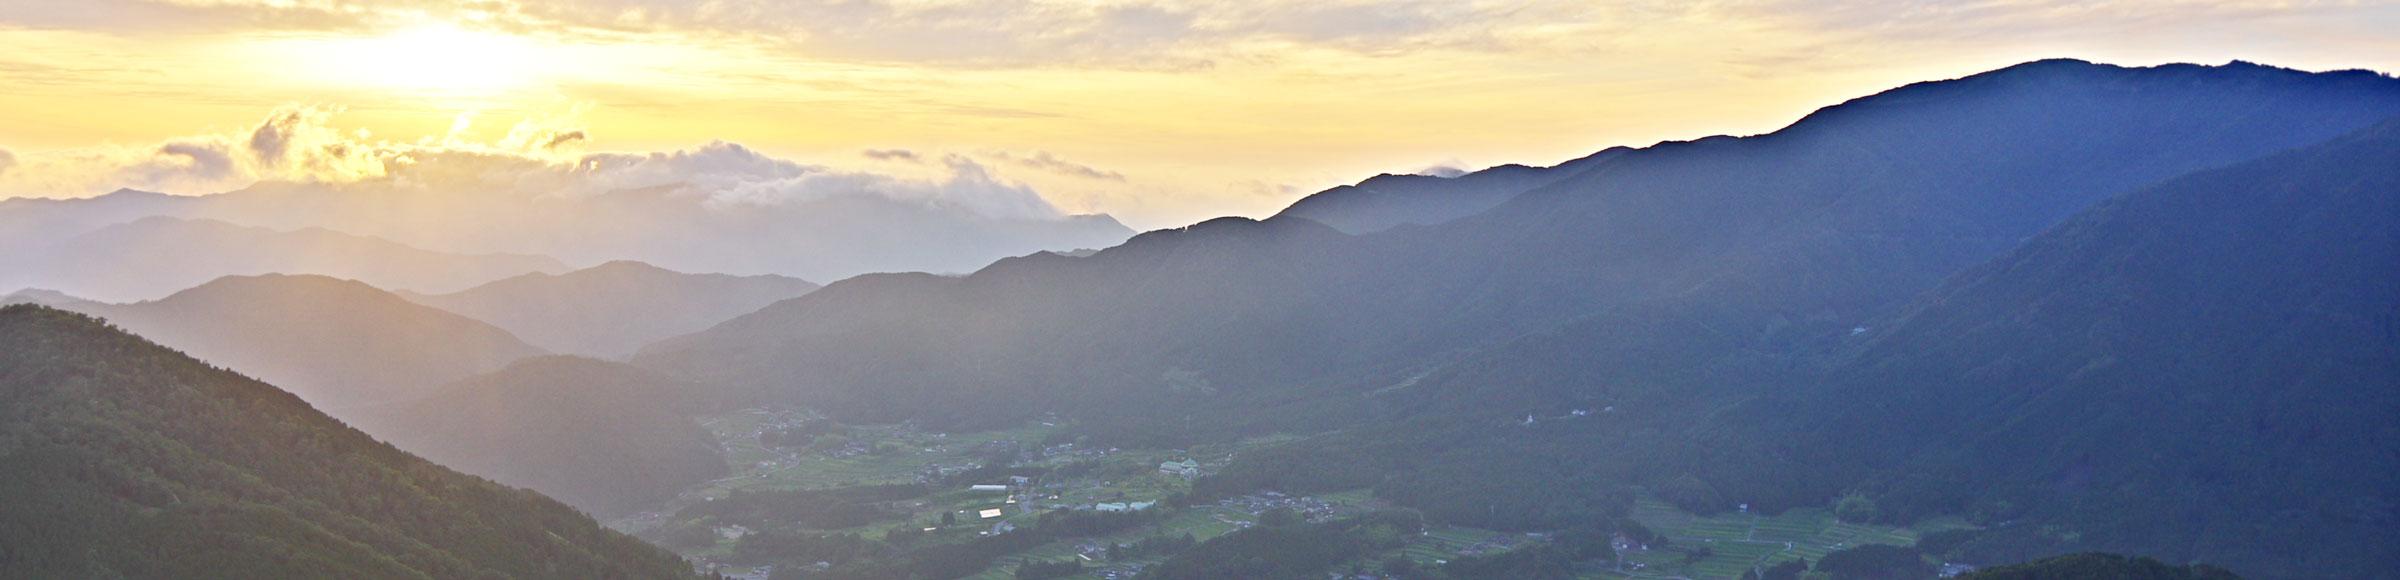 第2回 美作・後山ベルピールトレイルラン 開催要項